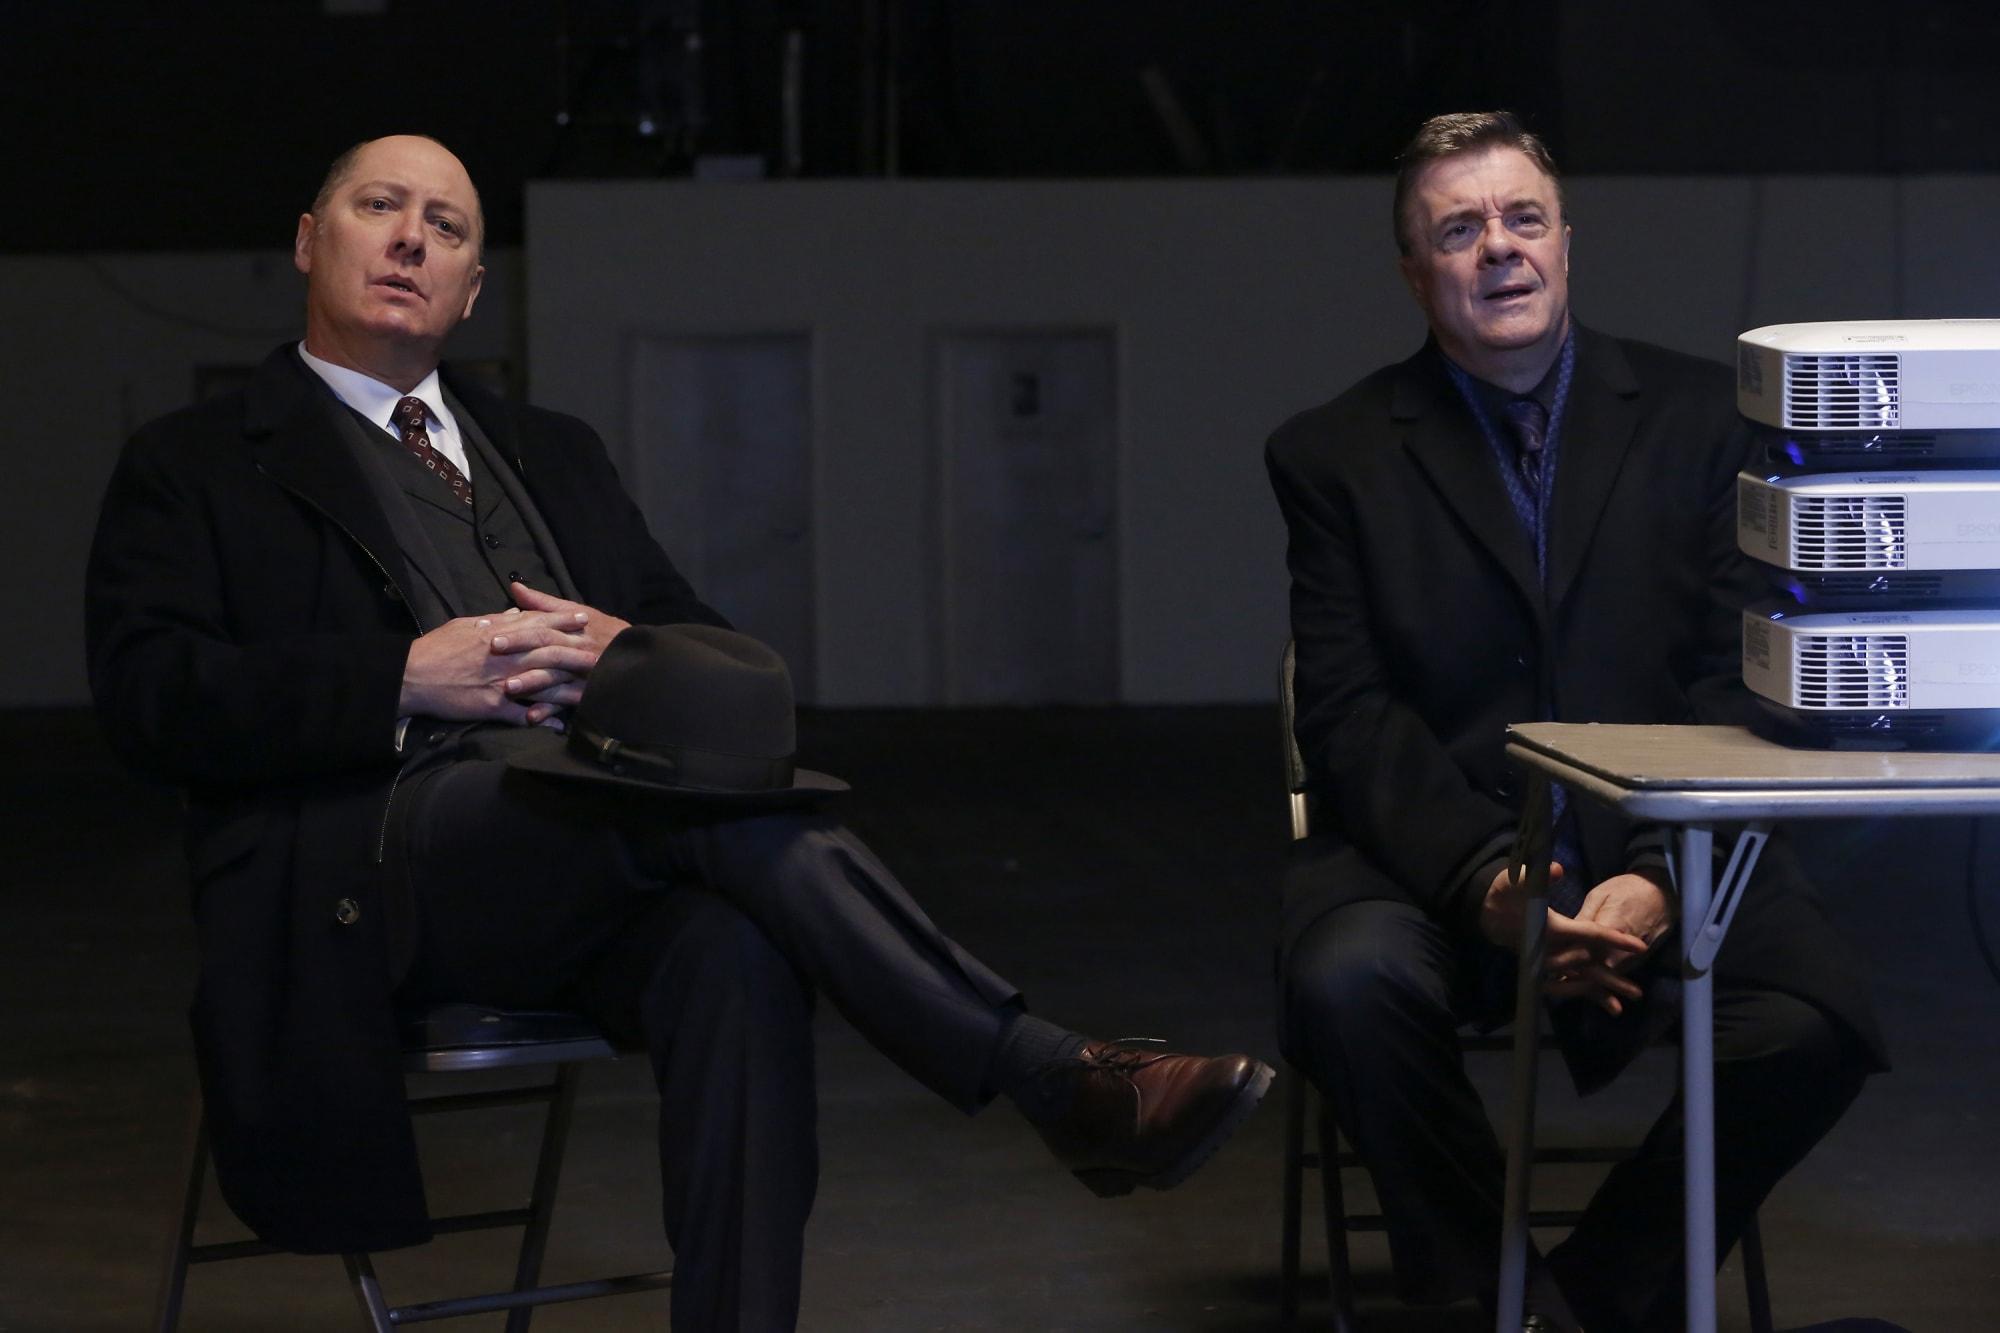 blacklist season 5 episode 9 watch online free